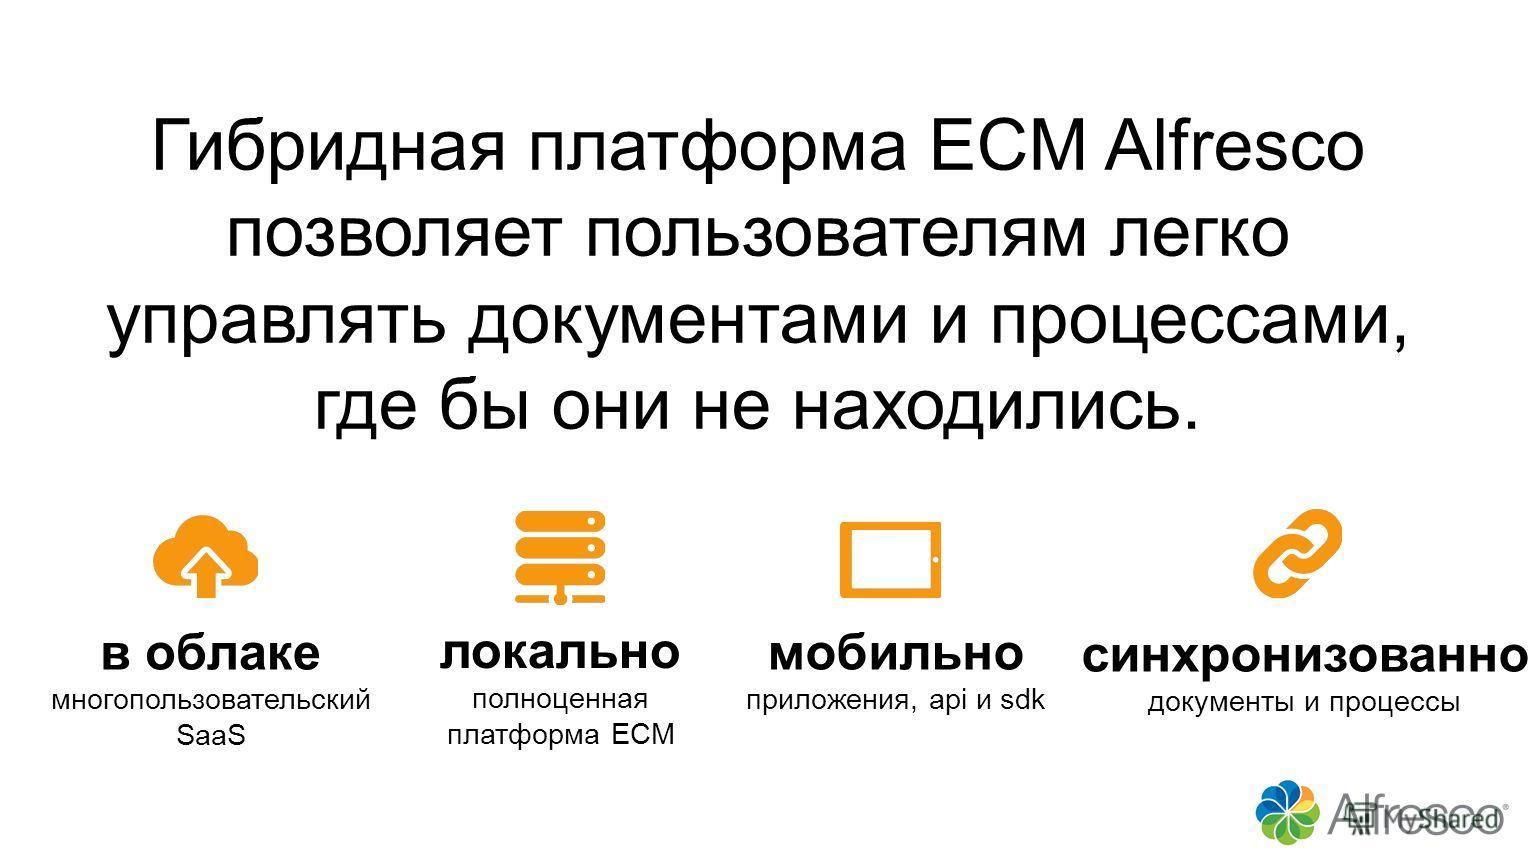 Гибридная платформа ECM Alfresco позволяет пользователям легко управлять документами и процессами, где бы они не находились. в облаке многопользовательский SaaS локально полноценная платформа ECM синхронизованно документы и процессы мобильно приложен